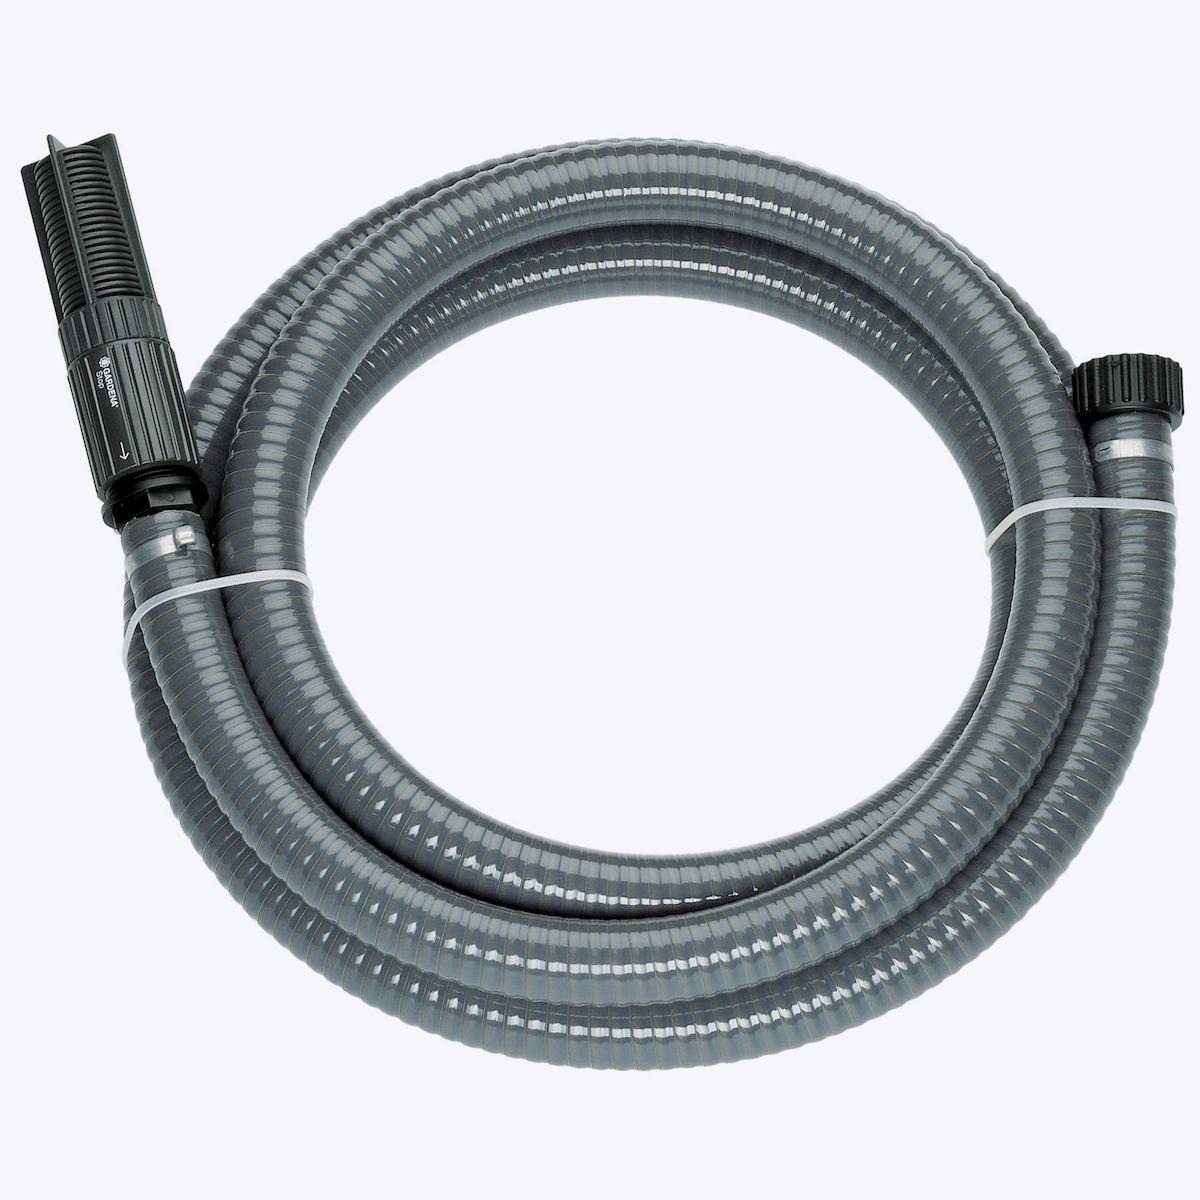 Шланг Gardena, заборный, с насосом и фильтром, диаметр 25 мм, длина 7 м01418-20.000.00Заборный шланг Gardena используется в комплекте с насосом. Шланг спирально-армирован, что увеличивает его прочностные характеристики. Фильтр, встроенный в шланг, защищает насос от загрязнения, что в конечном счете сказывается на сроке службы насоса. Также в конструкции заборного шланга имеется обратный клапан, благодаря которому при повторном включении время всасывания заметно сокращается. Все соединяющие элементы гарантируют герметичное соединение. Подходит для насосов с наружной резьбой 33,3 мм (G 1).Длина шланга: 7 м.Диаметр шланга: 25 мм.